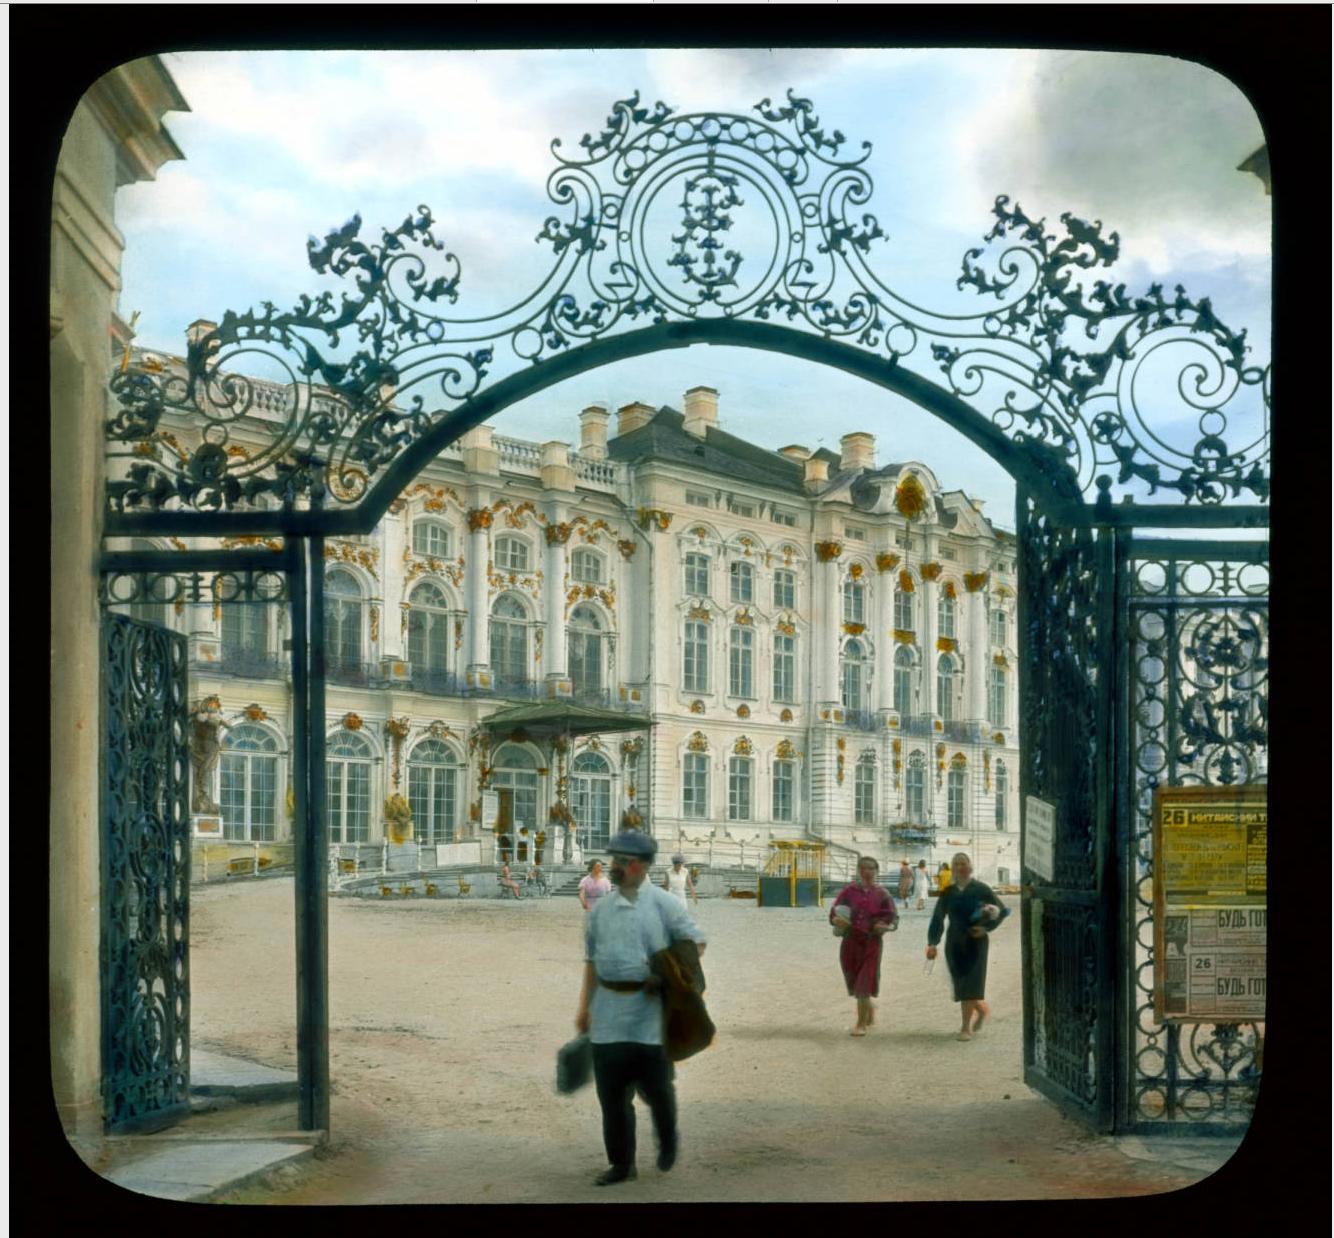 Пушкин (Царское Село). Екатерининский дворец: входные ворота